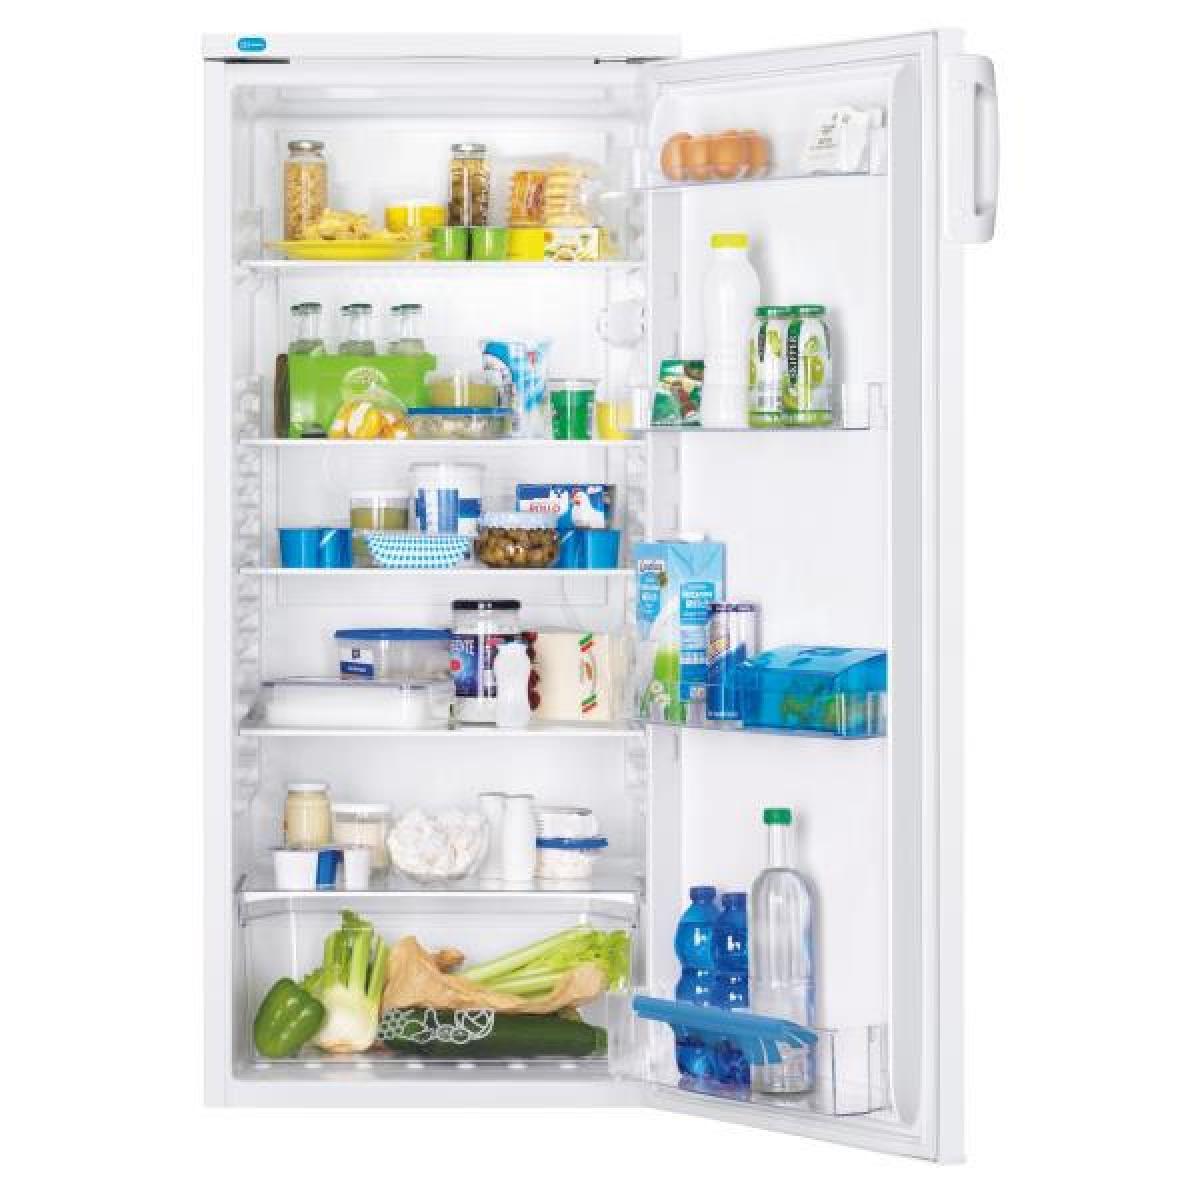 Faure Réfrigérateur 1 porte 235L Froid Statique FAURE 55cm F, FRAN24FW